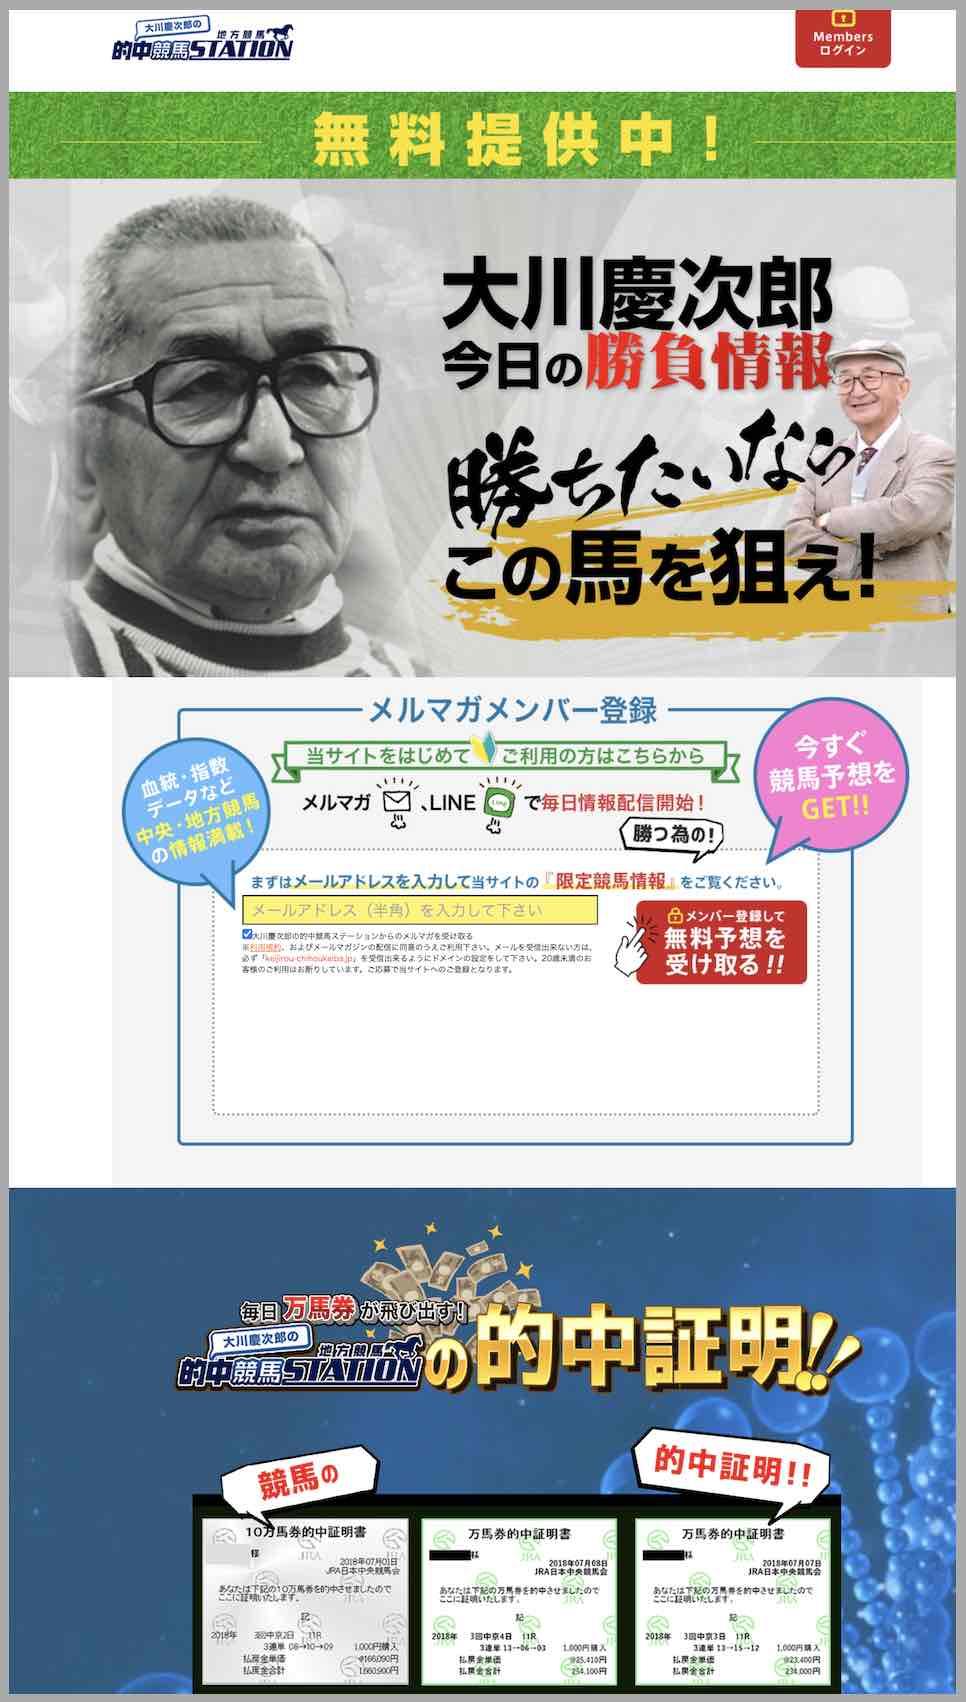 大川慶次郎の的中競馬ステーションという競馬予想サイトの非会員TOP